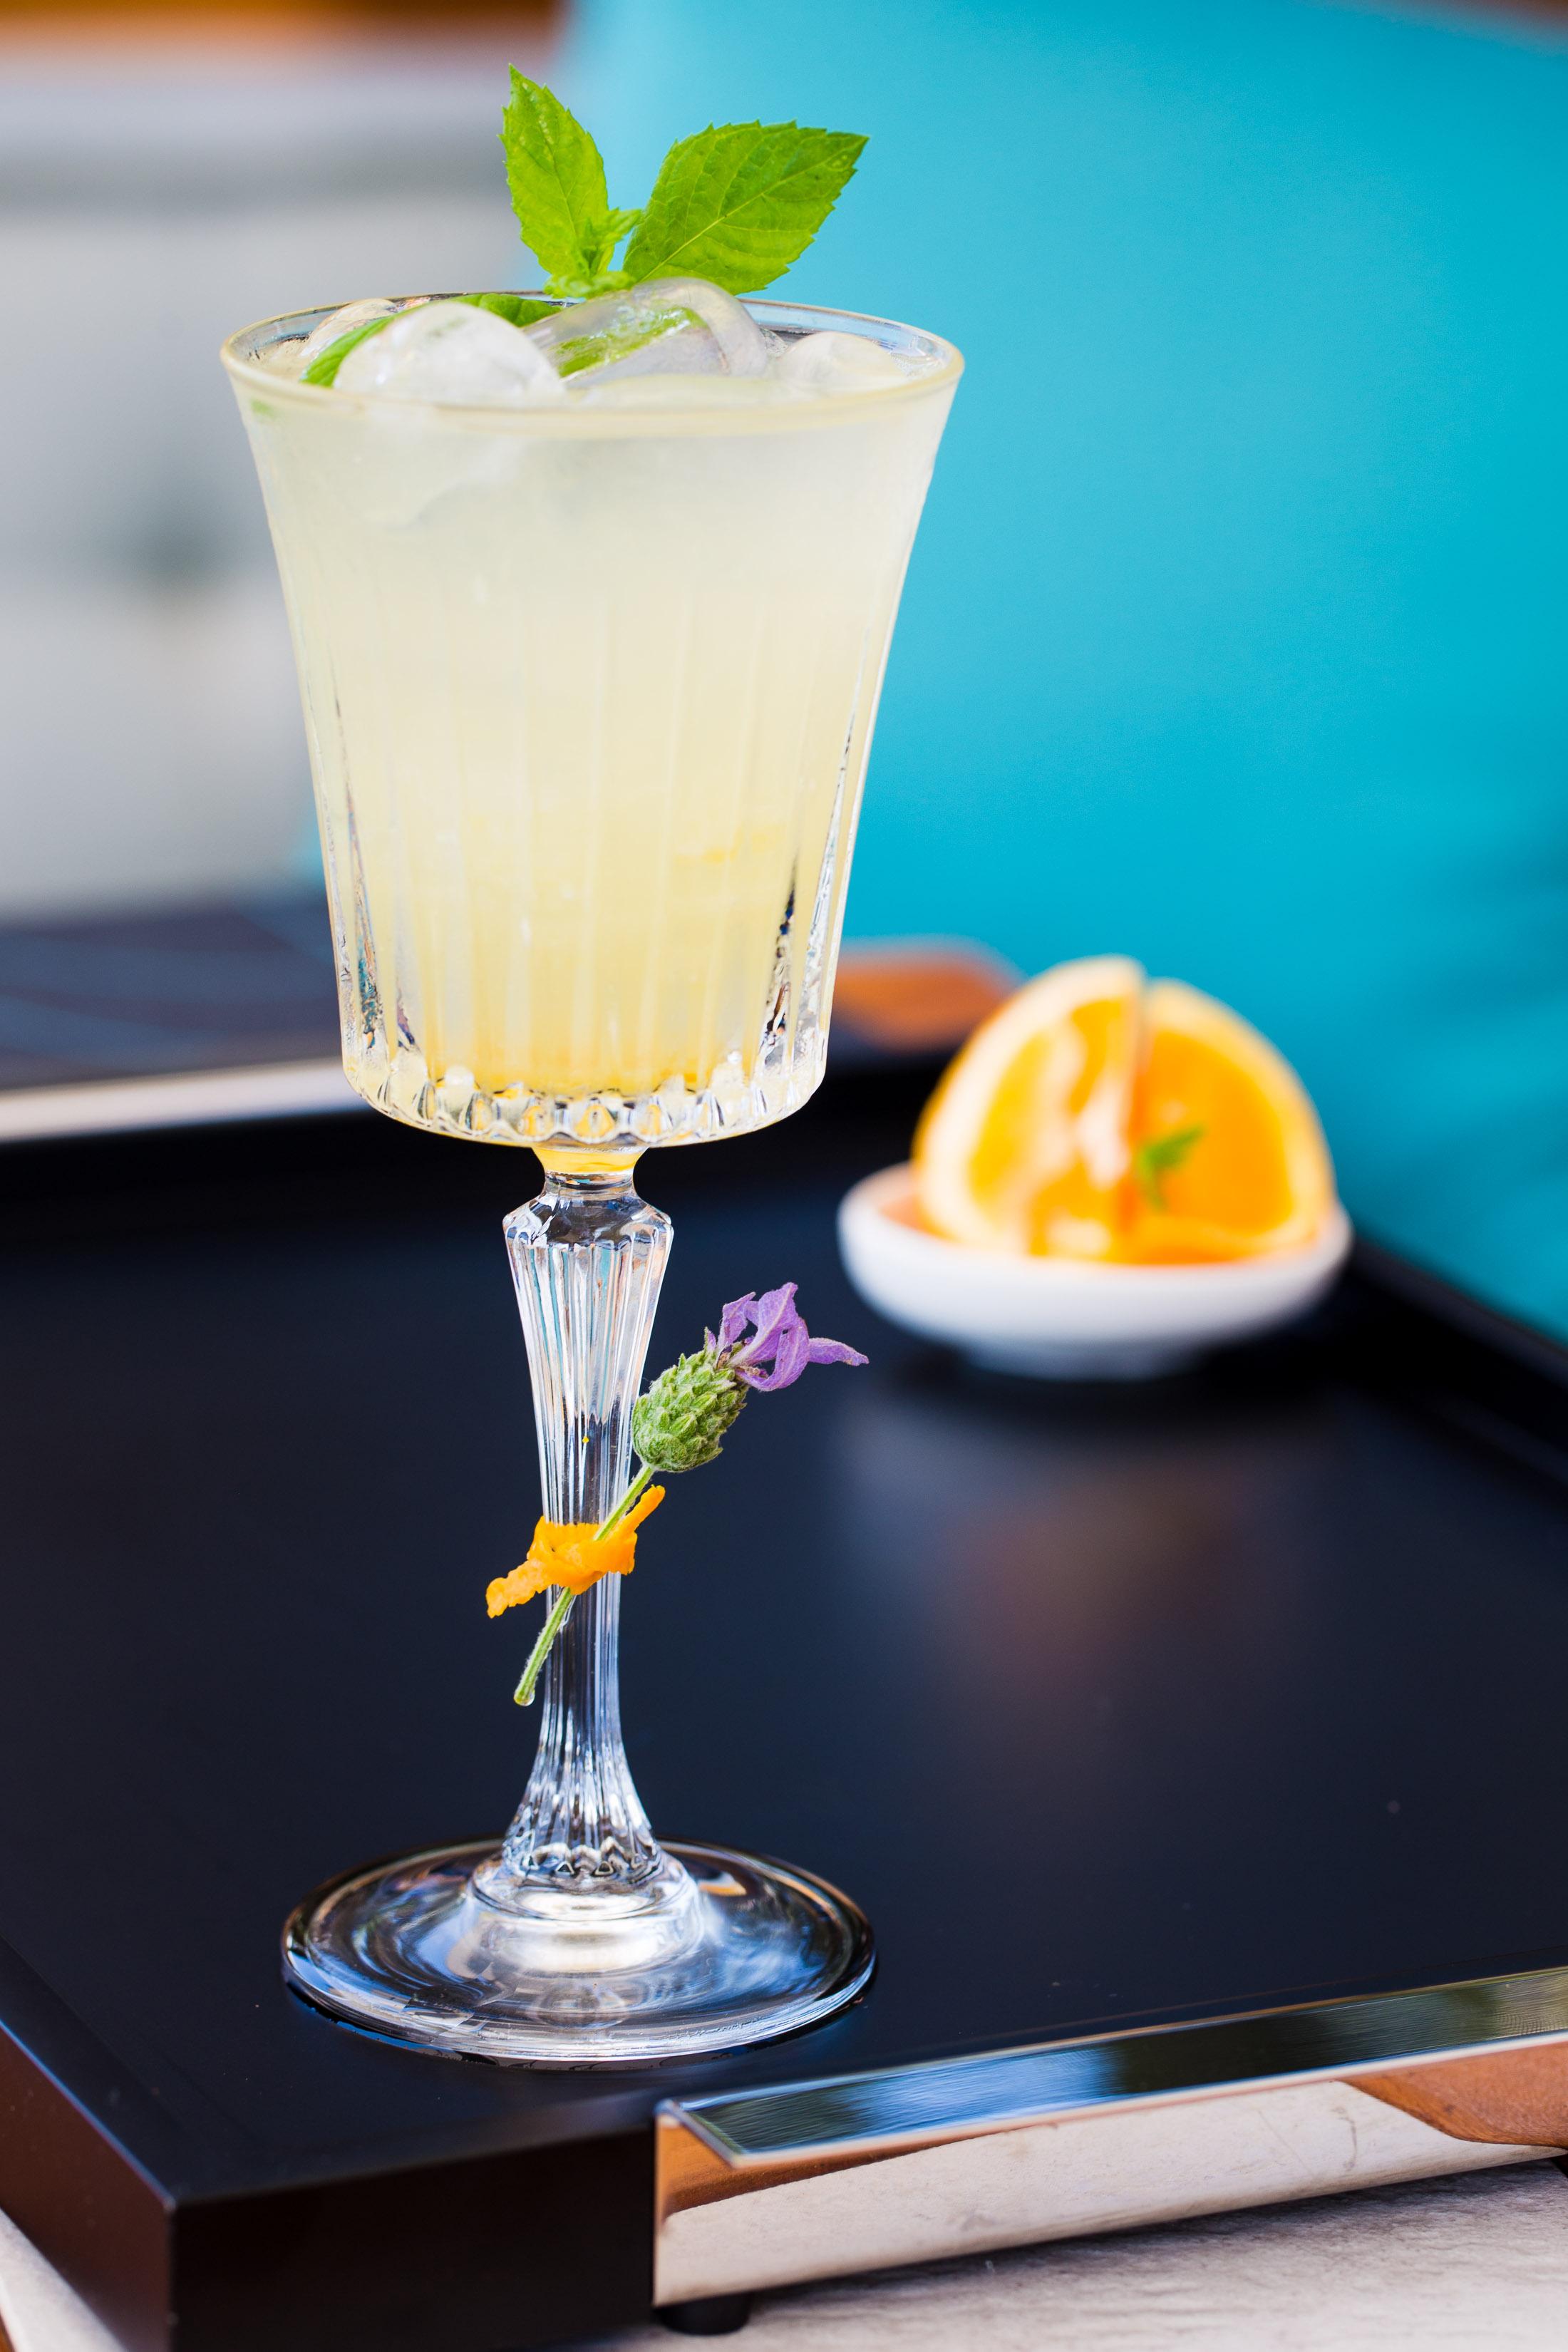 Orange Marmalade Fizz - Chase marmalade vodka, lime juice, orange bitter, bitter orange marmalade, 1724 tonic.